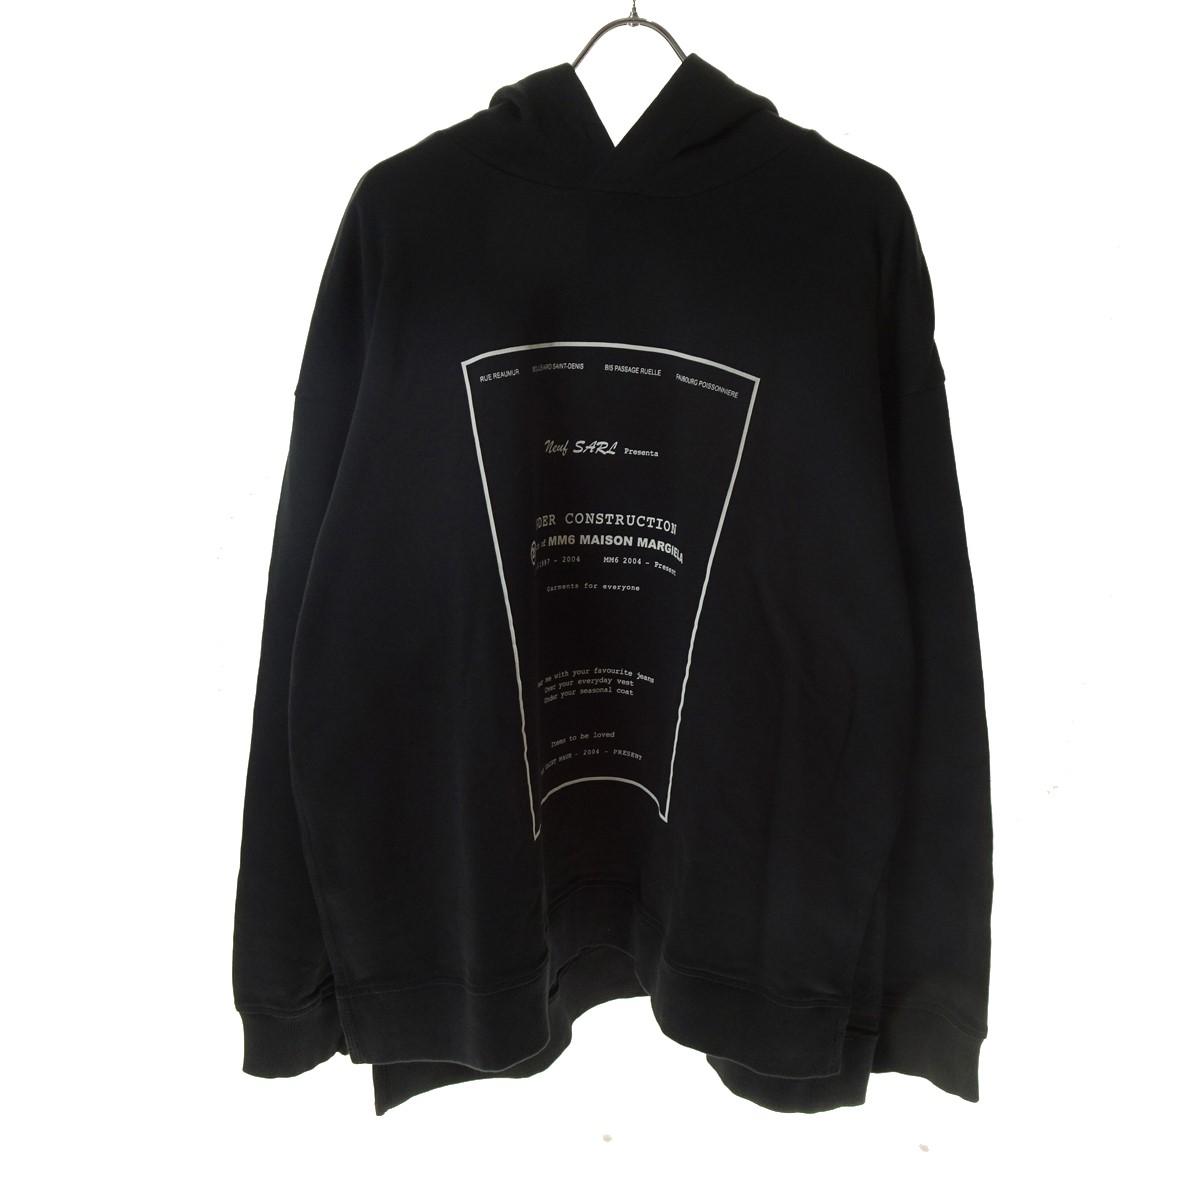 【中古】MM6 プルオーバーパーカー ブラック サイズ:L 【030520】(エムエムシックス(メゾンマルジェラ))